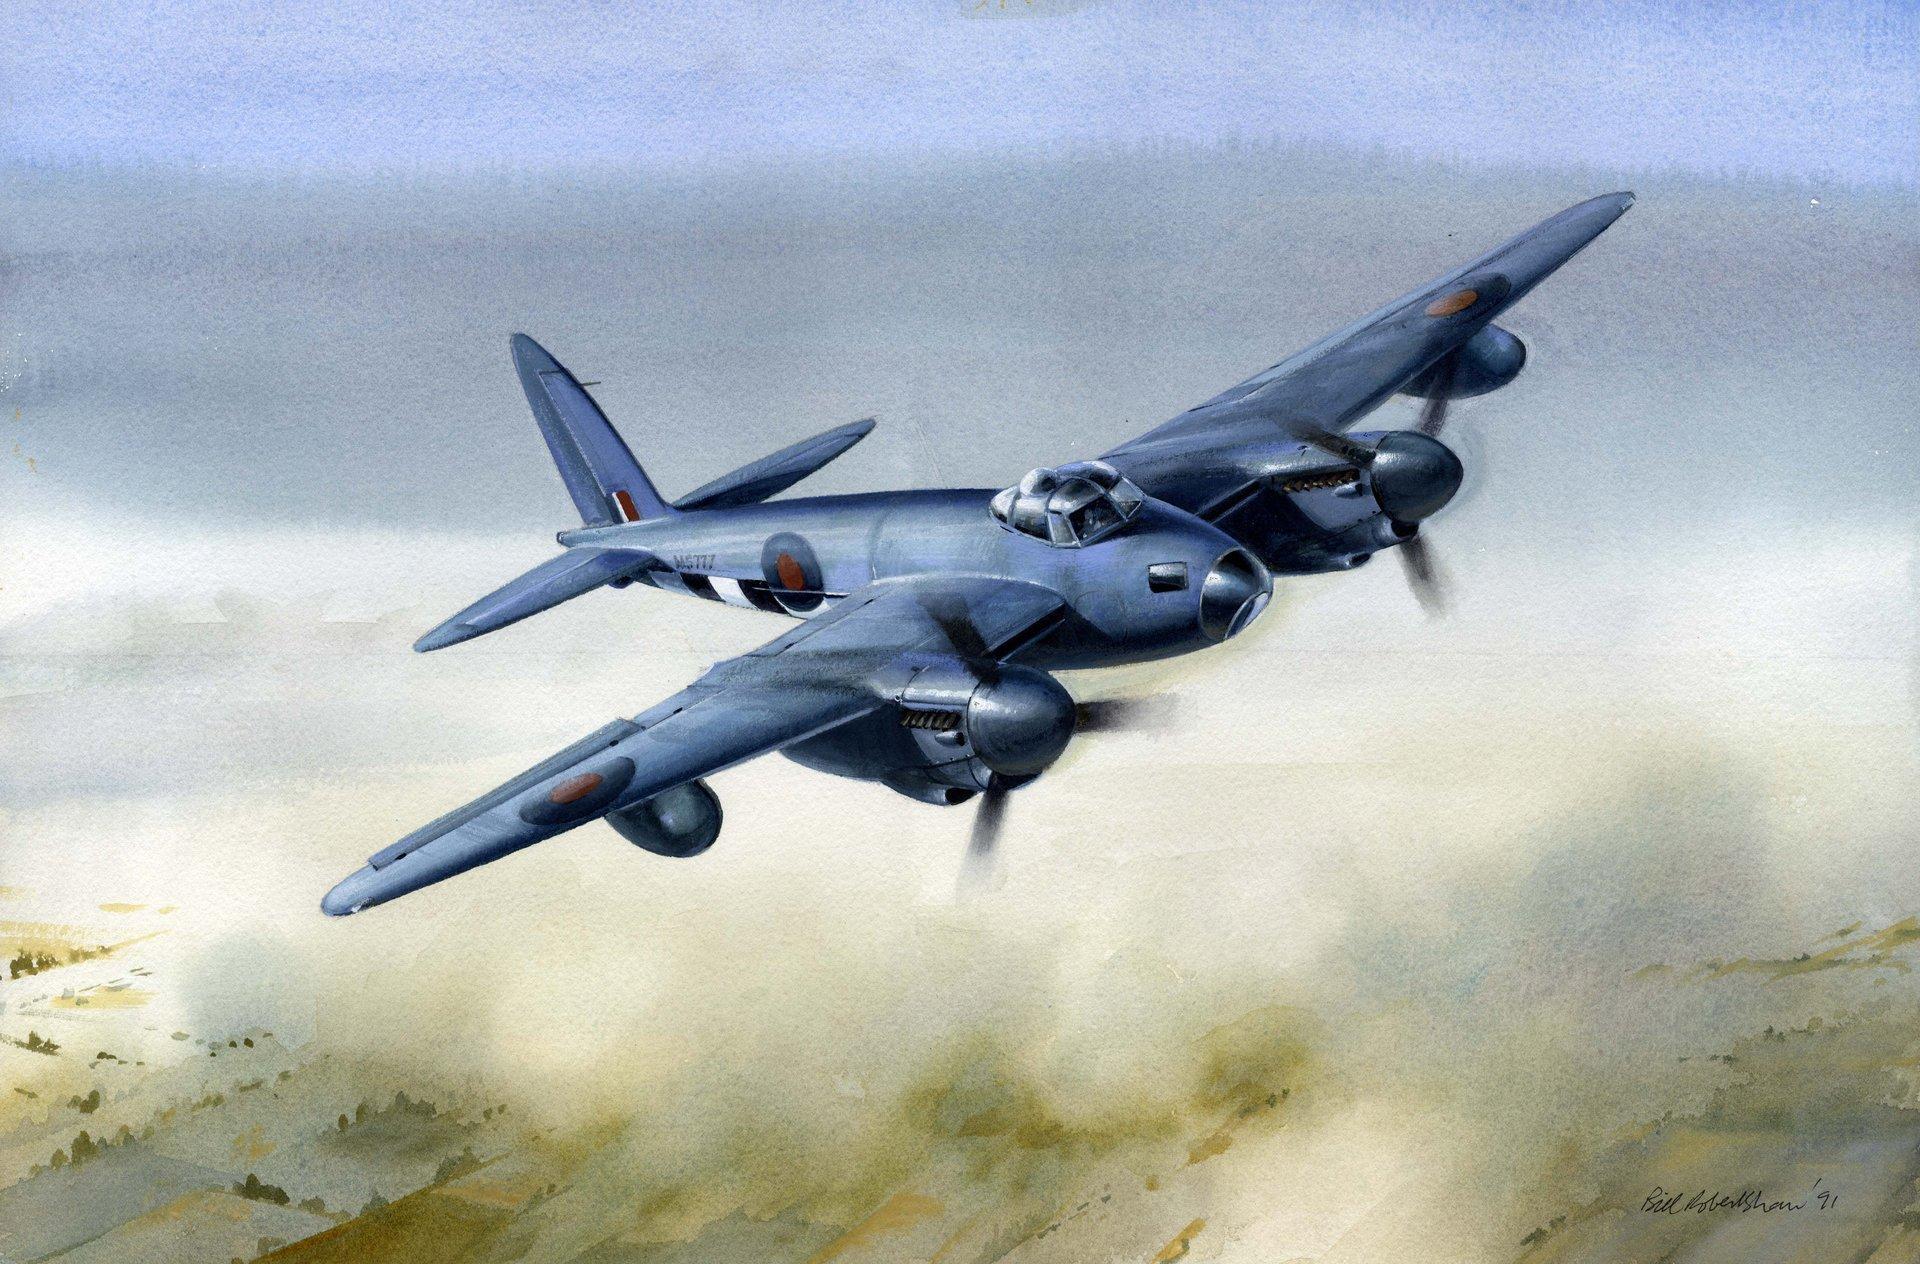 Обои De havilland mosquito, британский многоцелевой бомбардировщик. Авиация foto 9